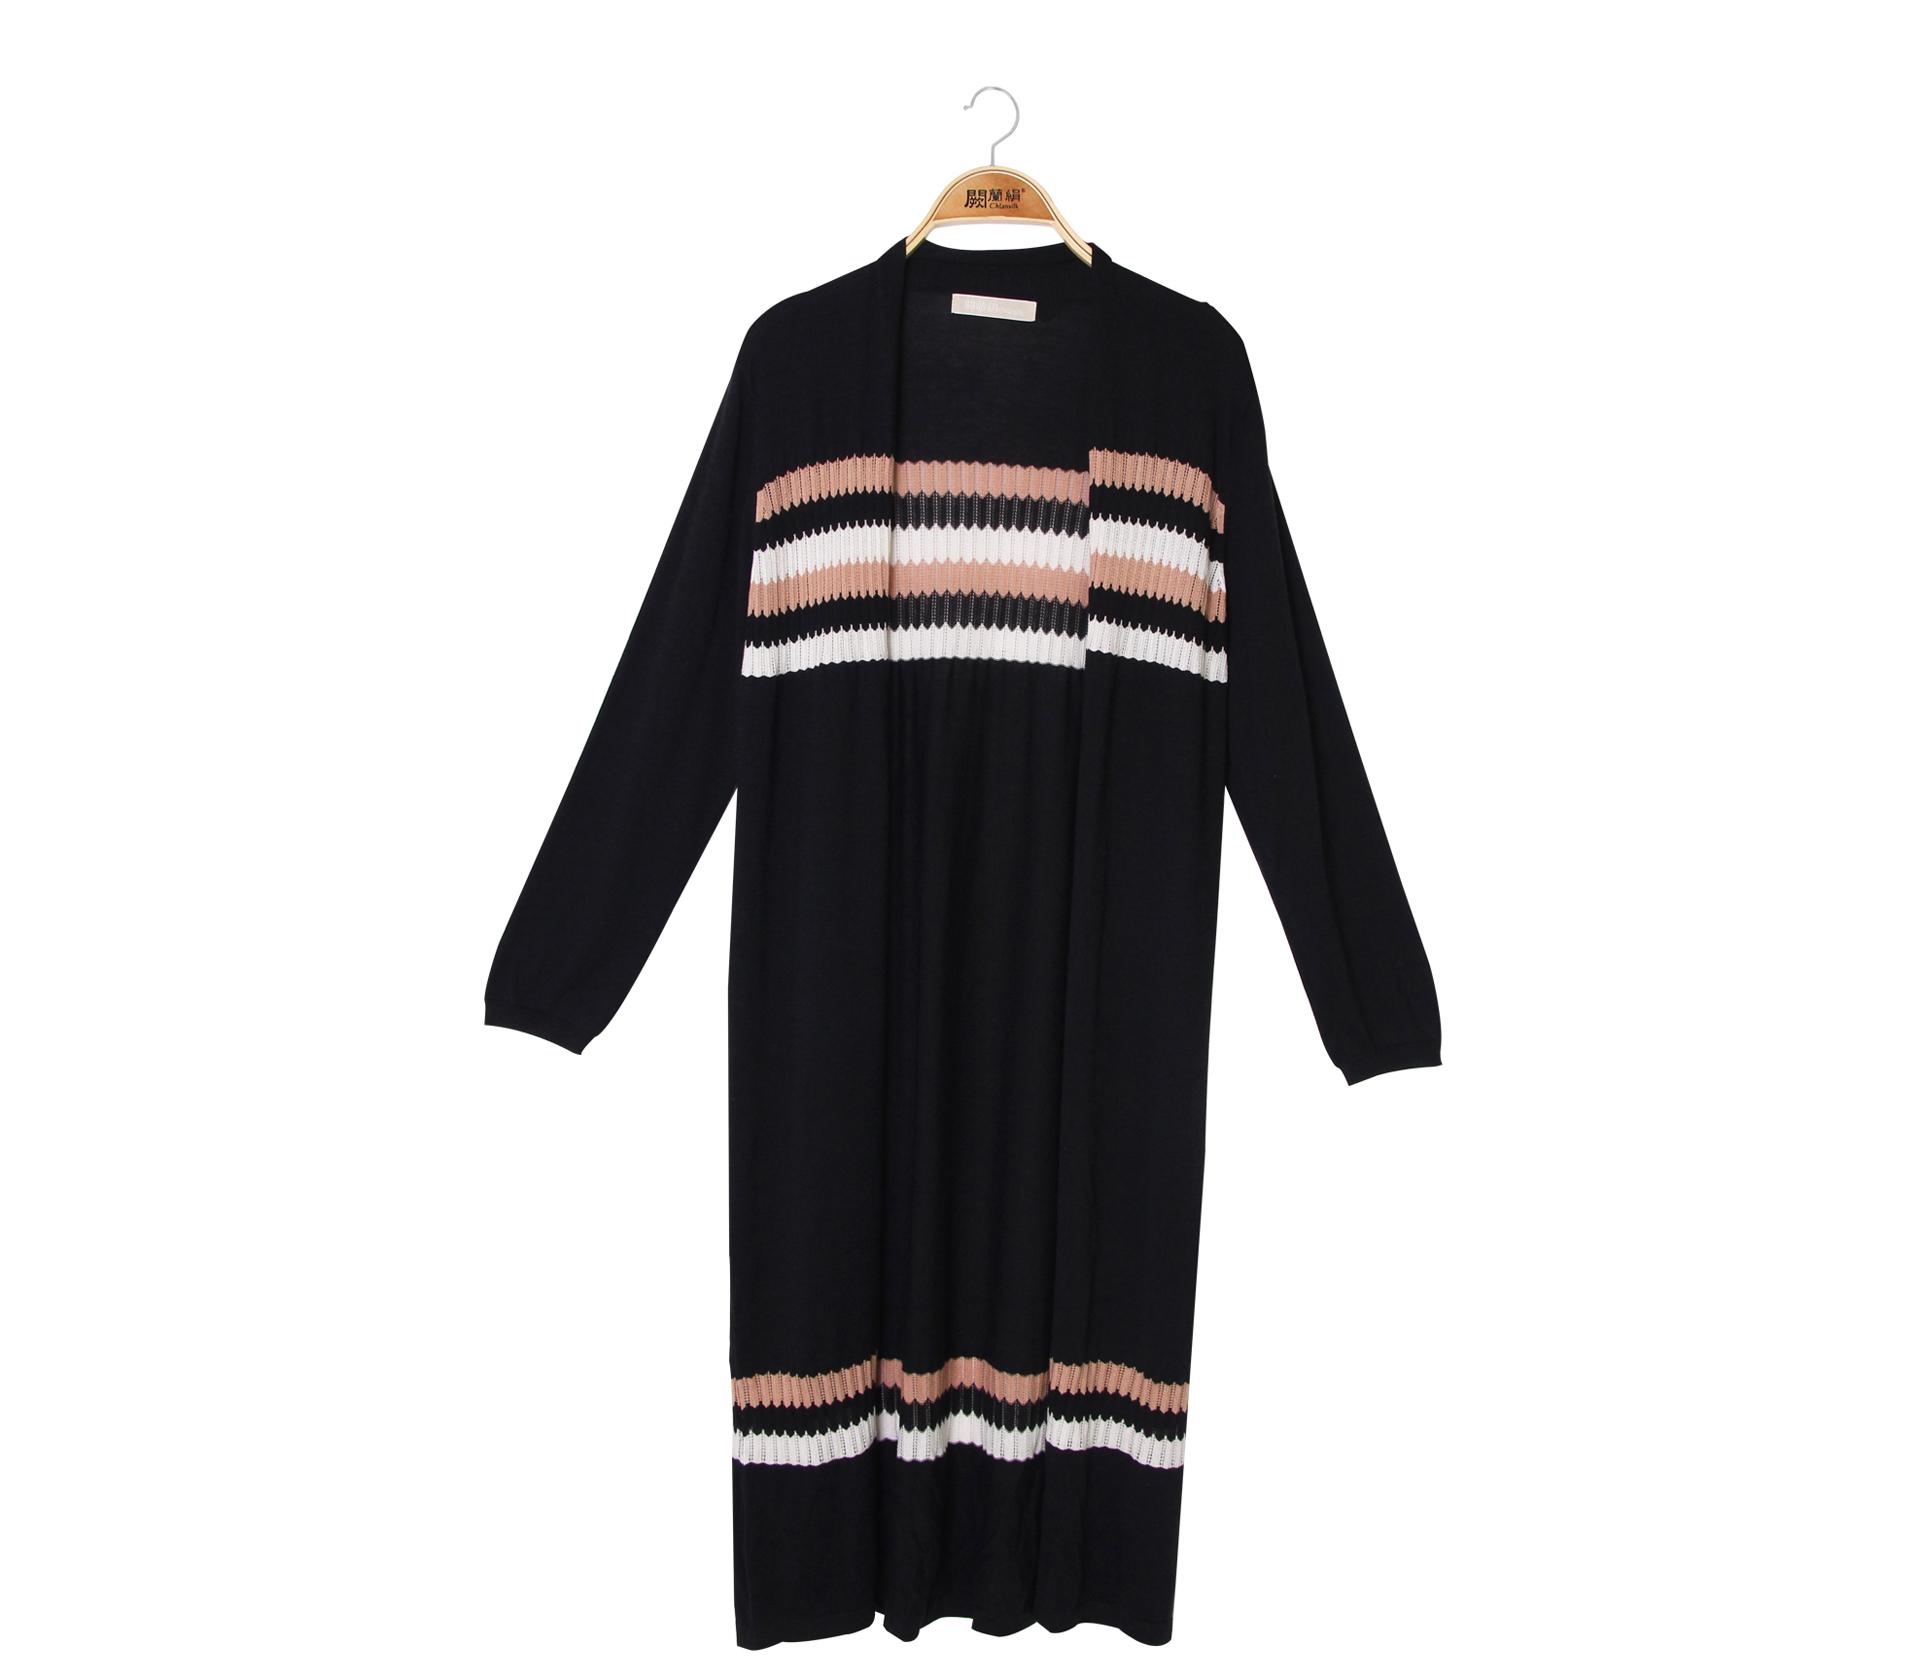 闕蘭絹隨興自在條紋針織長版罩衫外套 - 黑色 - 6009